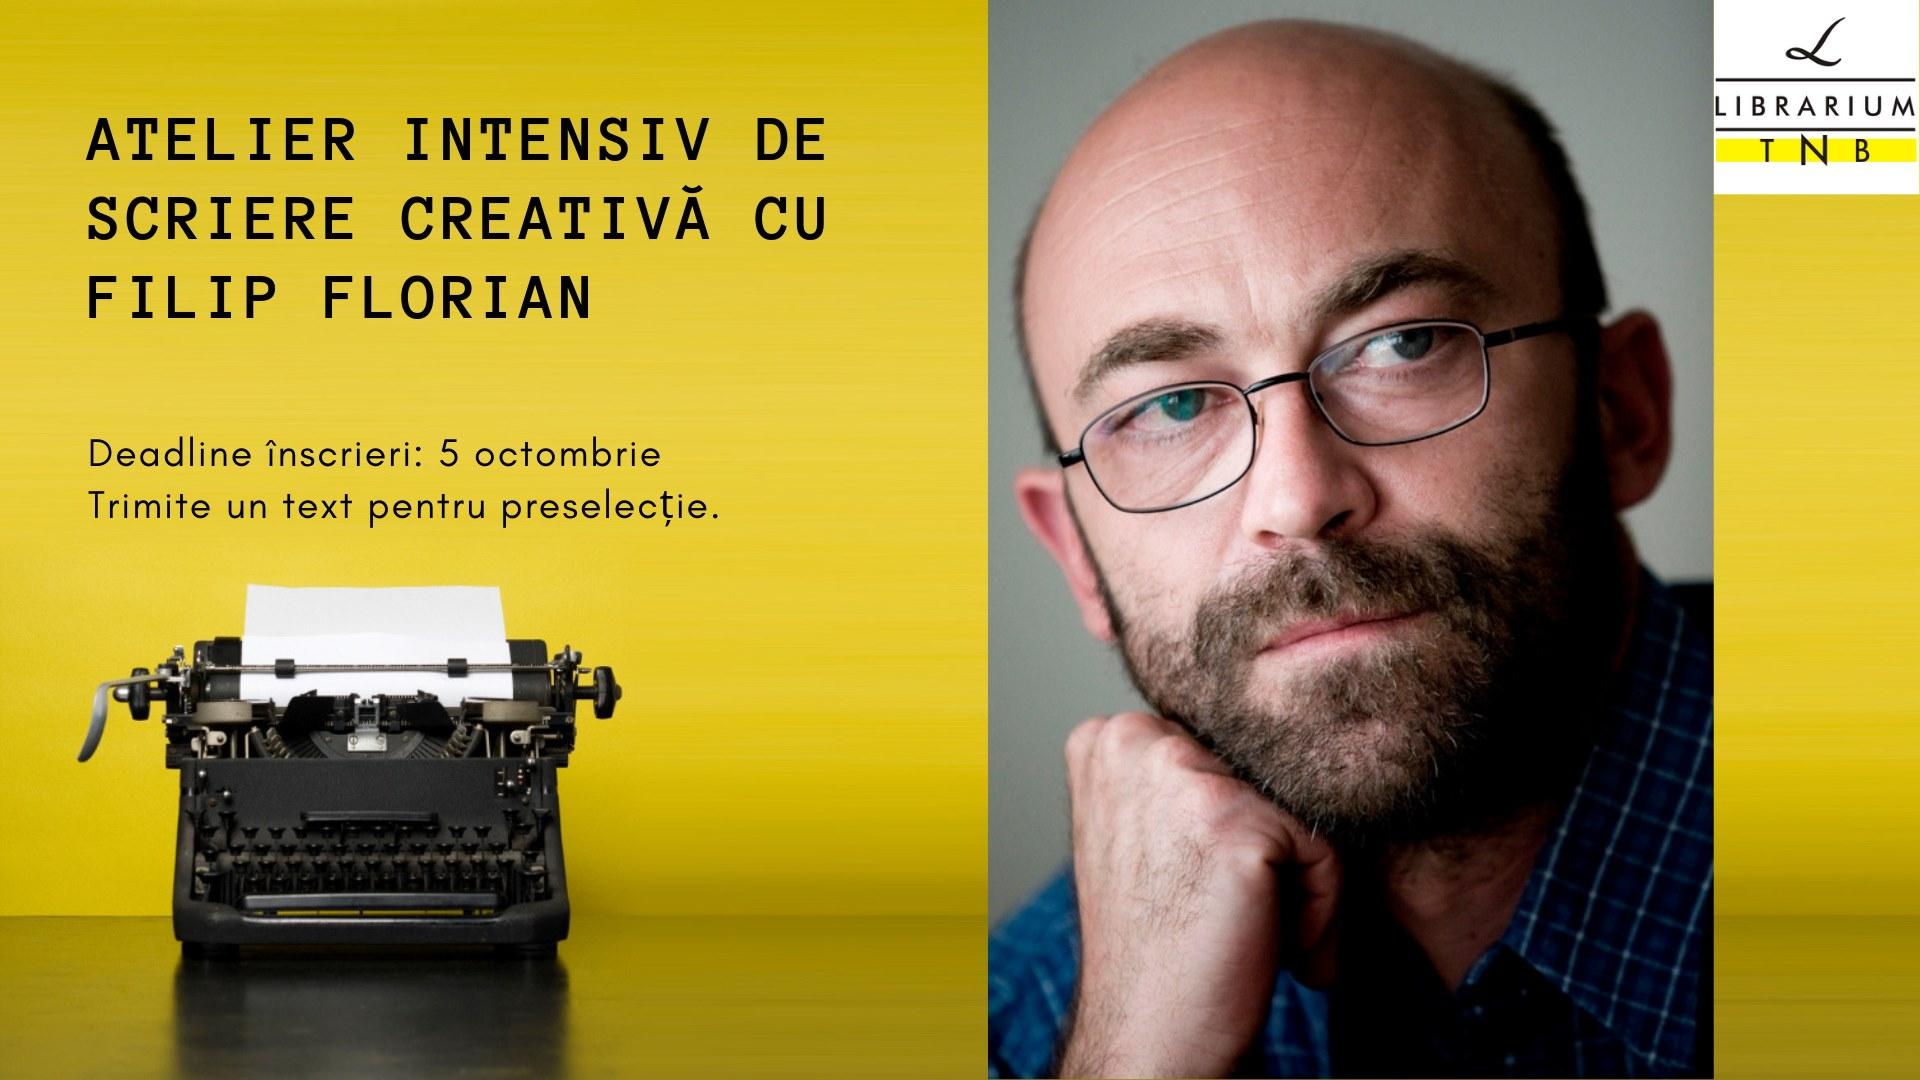 filip_florian_scriere_creativa_club_revdepov